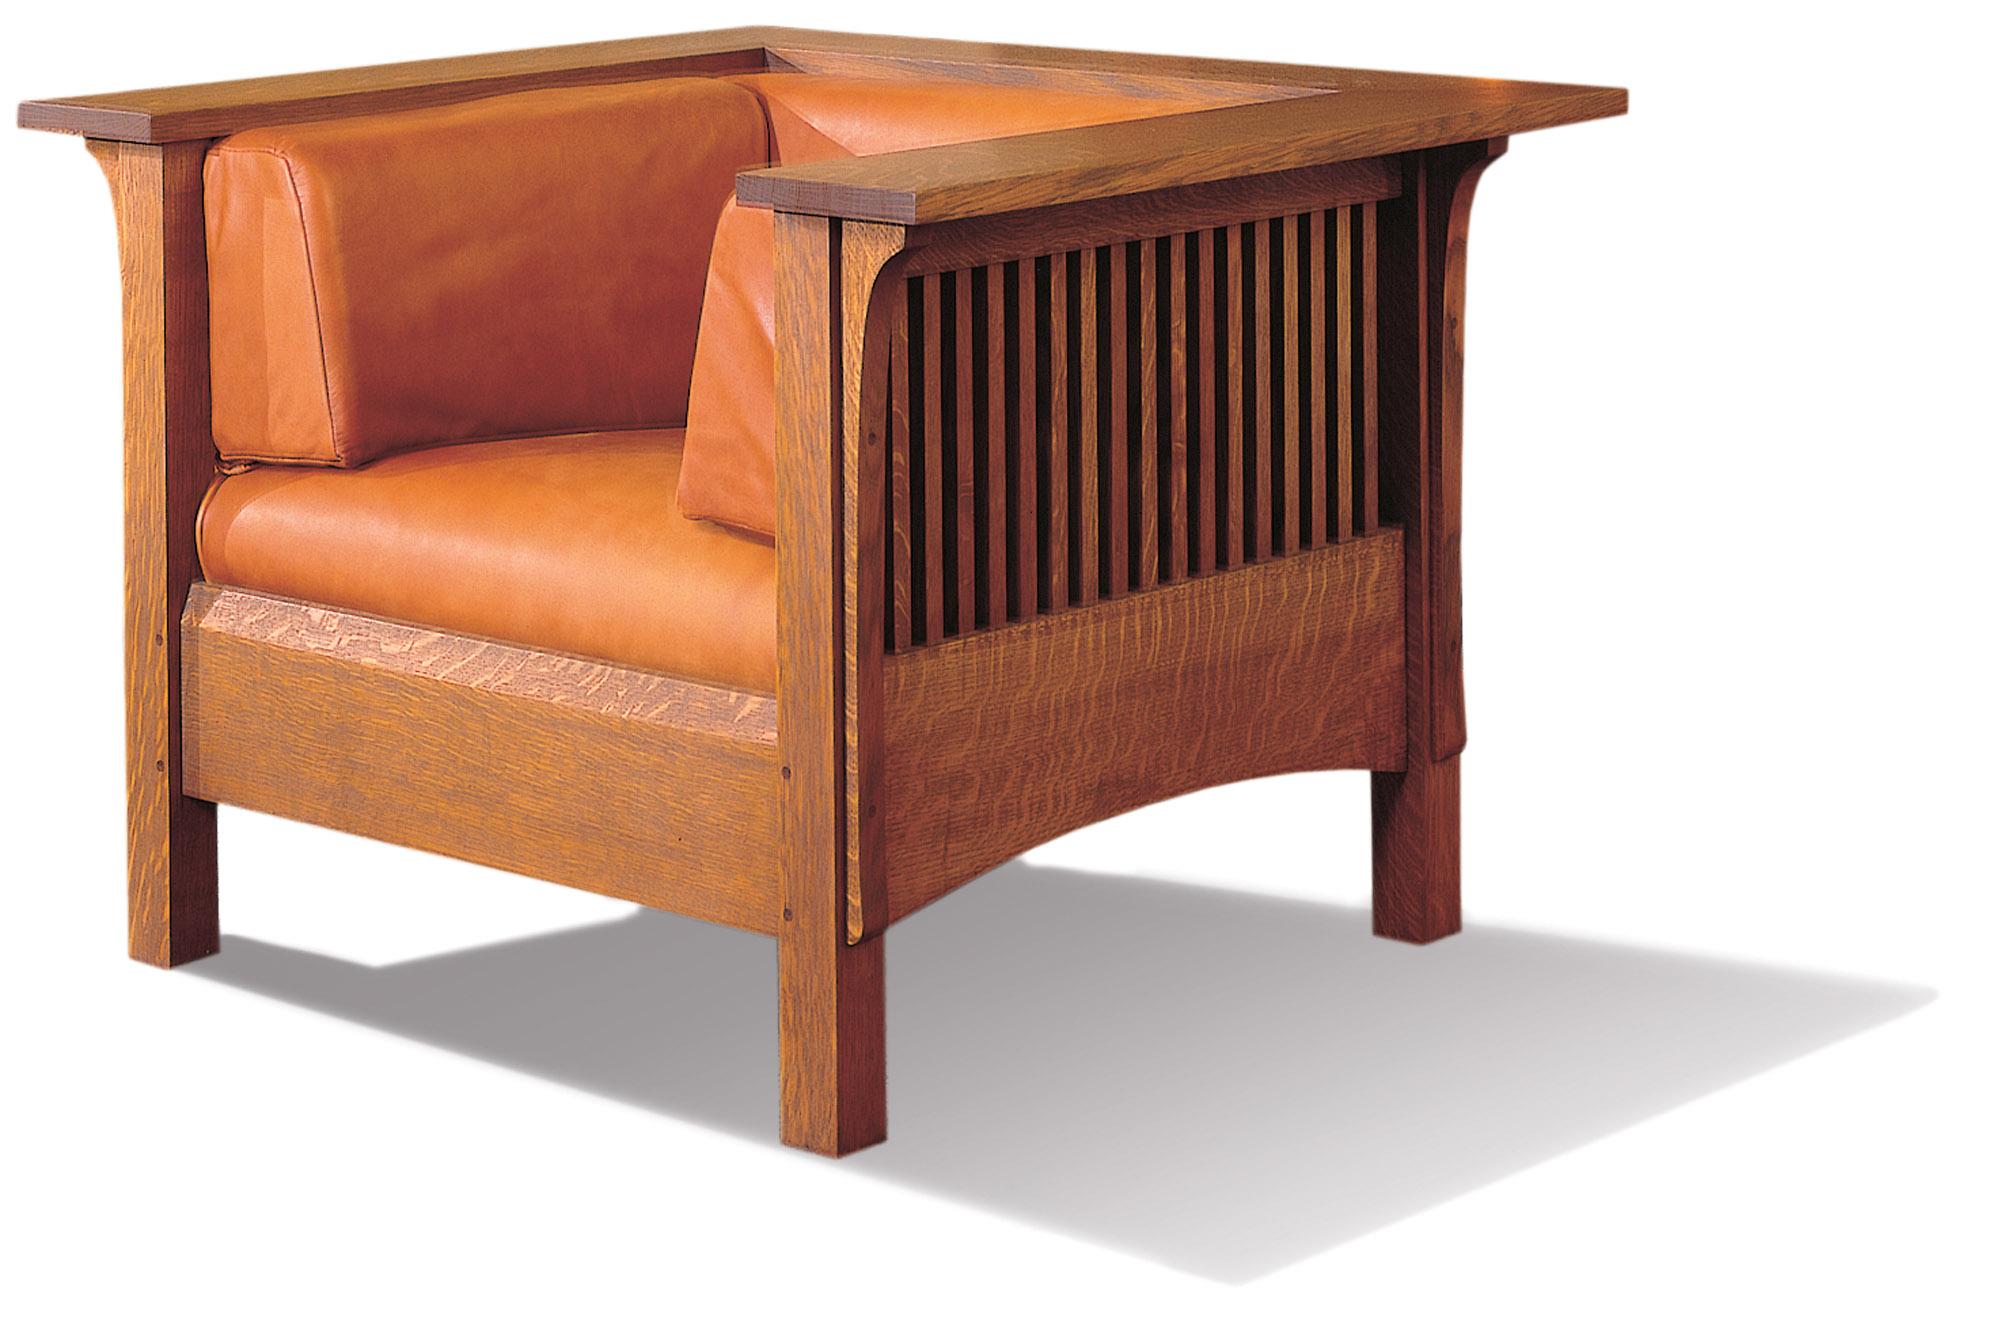 Prairie School chair